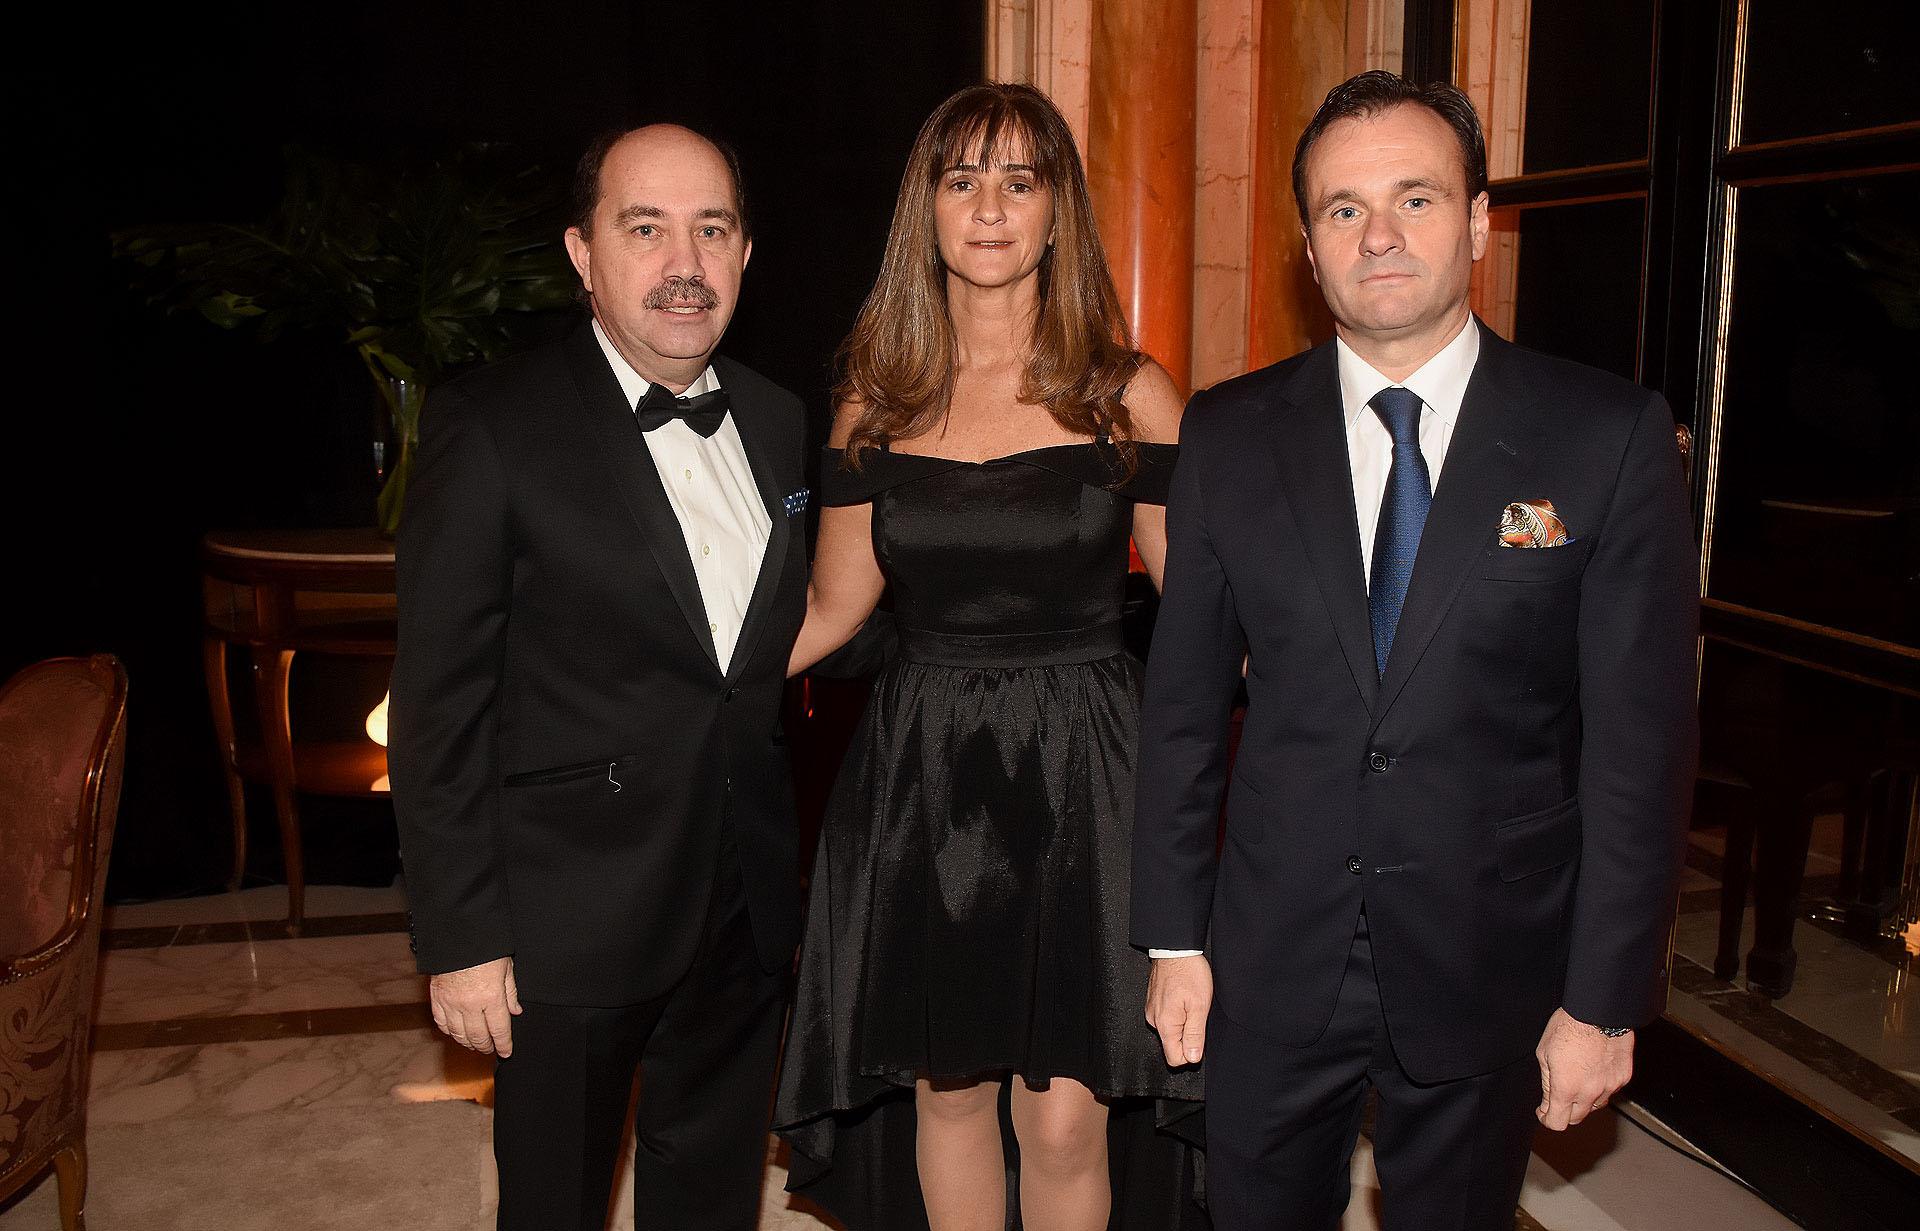 El presidente del Banco Ciudad, Javier Ortiz Batalla, su mujer Carla Musso, y el director de Relaciones Institucionales de La Rural, Juan Pablo Maglier